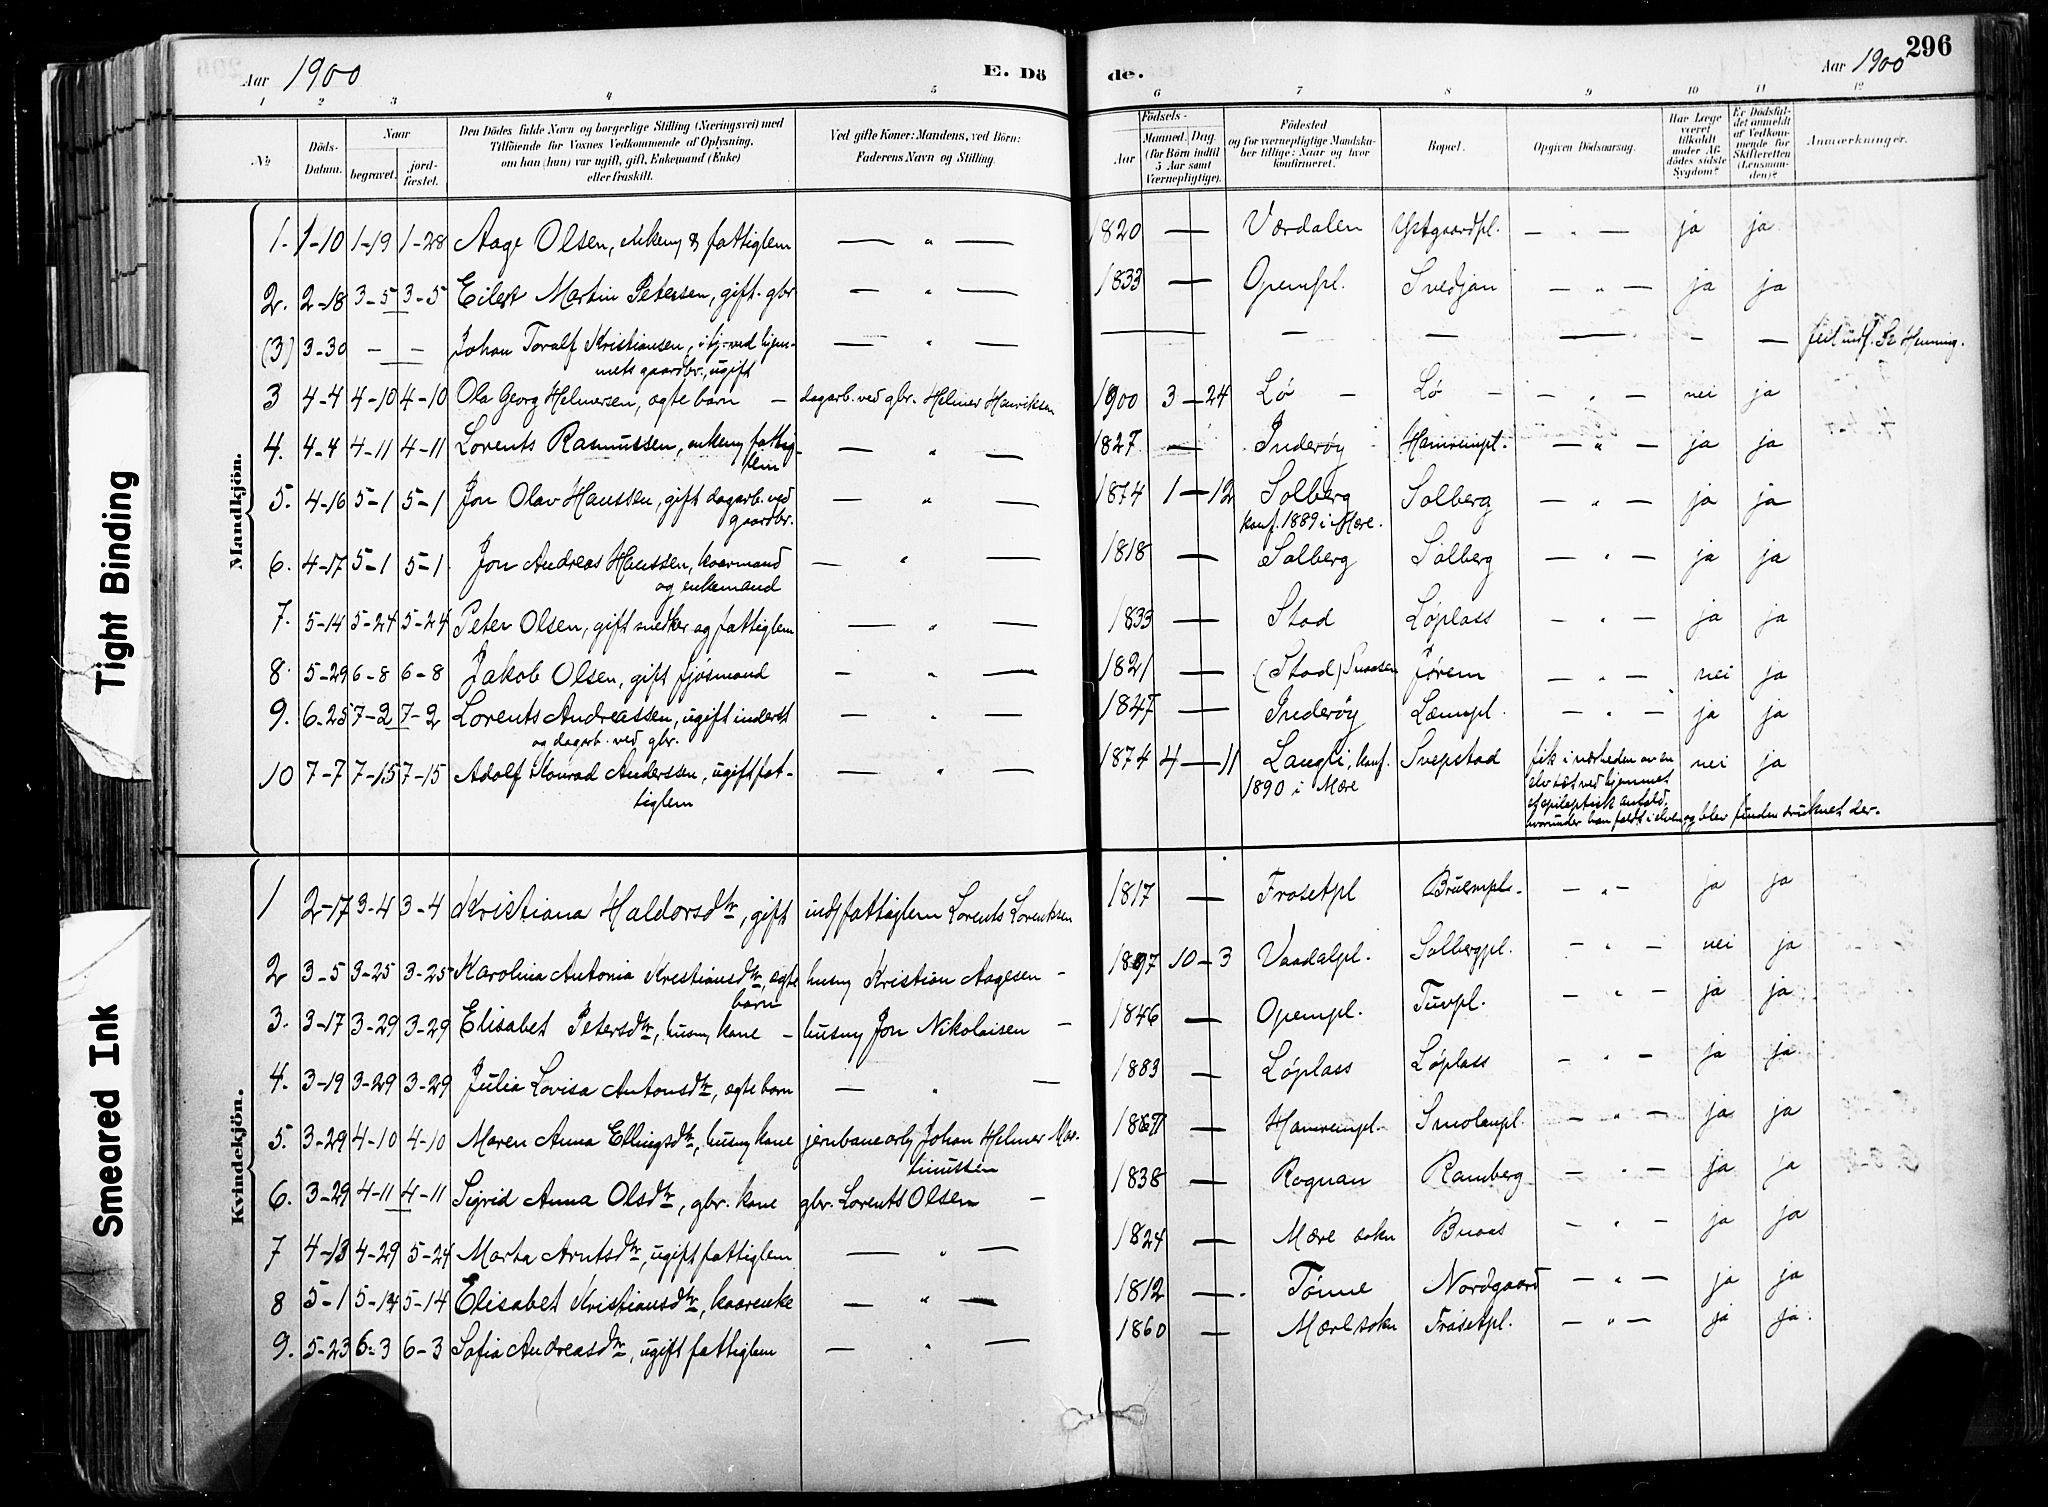 SAT, Ministerialprotokoller, klokkerbøker og fødselsregistre - Nord-Trøndelag, 735/L0351: Ministerialbok nr. 735A10, 1884-1908, s. 296